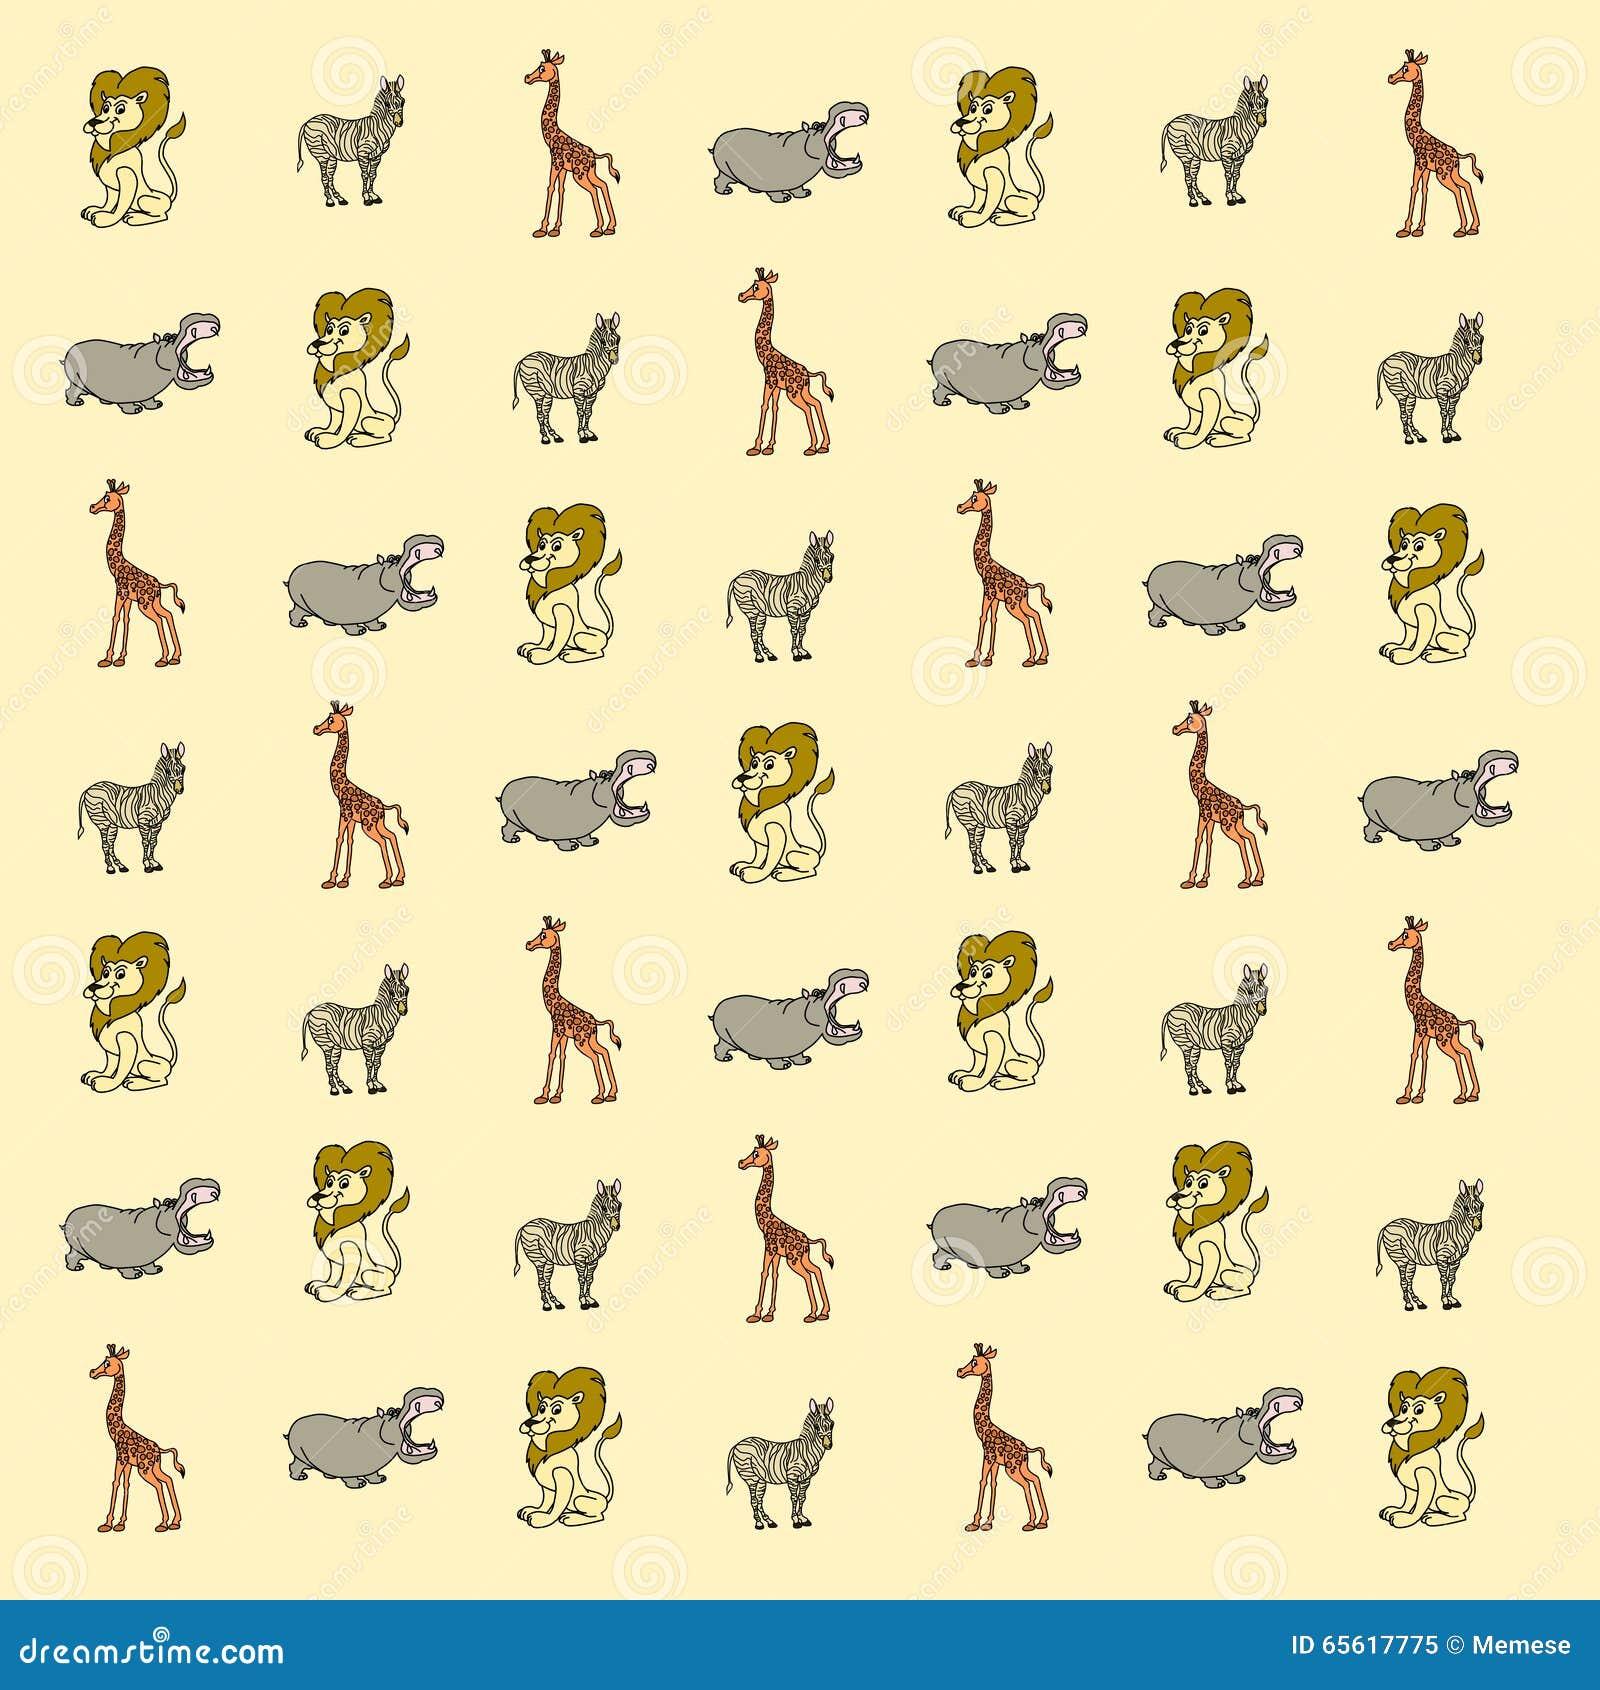 papier peint d 39 animaux de la savane de bande dessin e illustration stock image 65617775. Black Bedroom Furniture Sets. Home Design Ideas